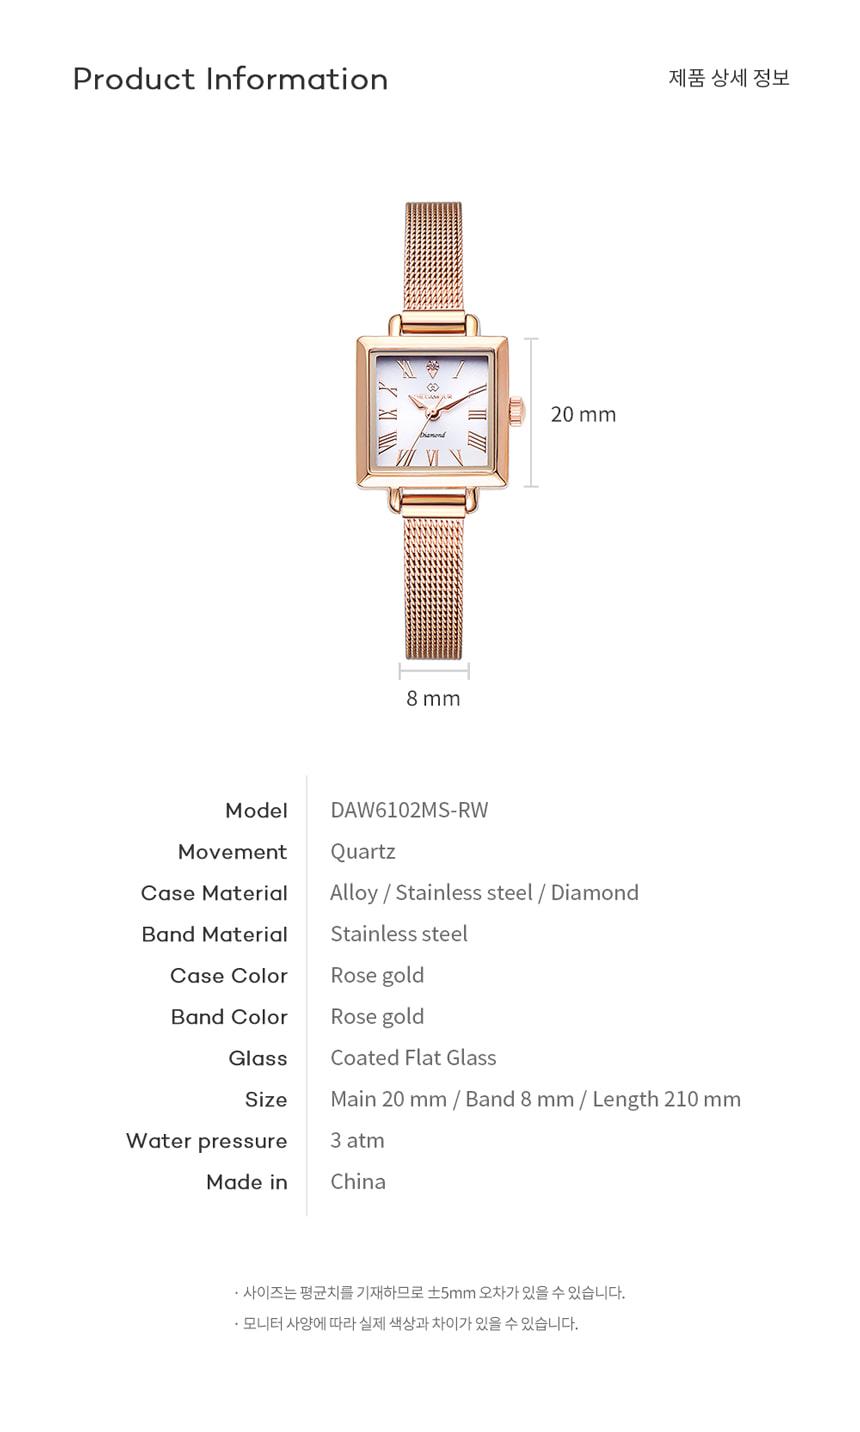 디유아모르 여성 메쉬밴드시계 DAW6102MS-RW 다이아몬드 시계 - 디유아모르, 218,000원, 여성시계, 메탈시계